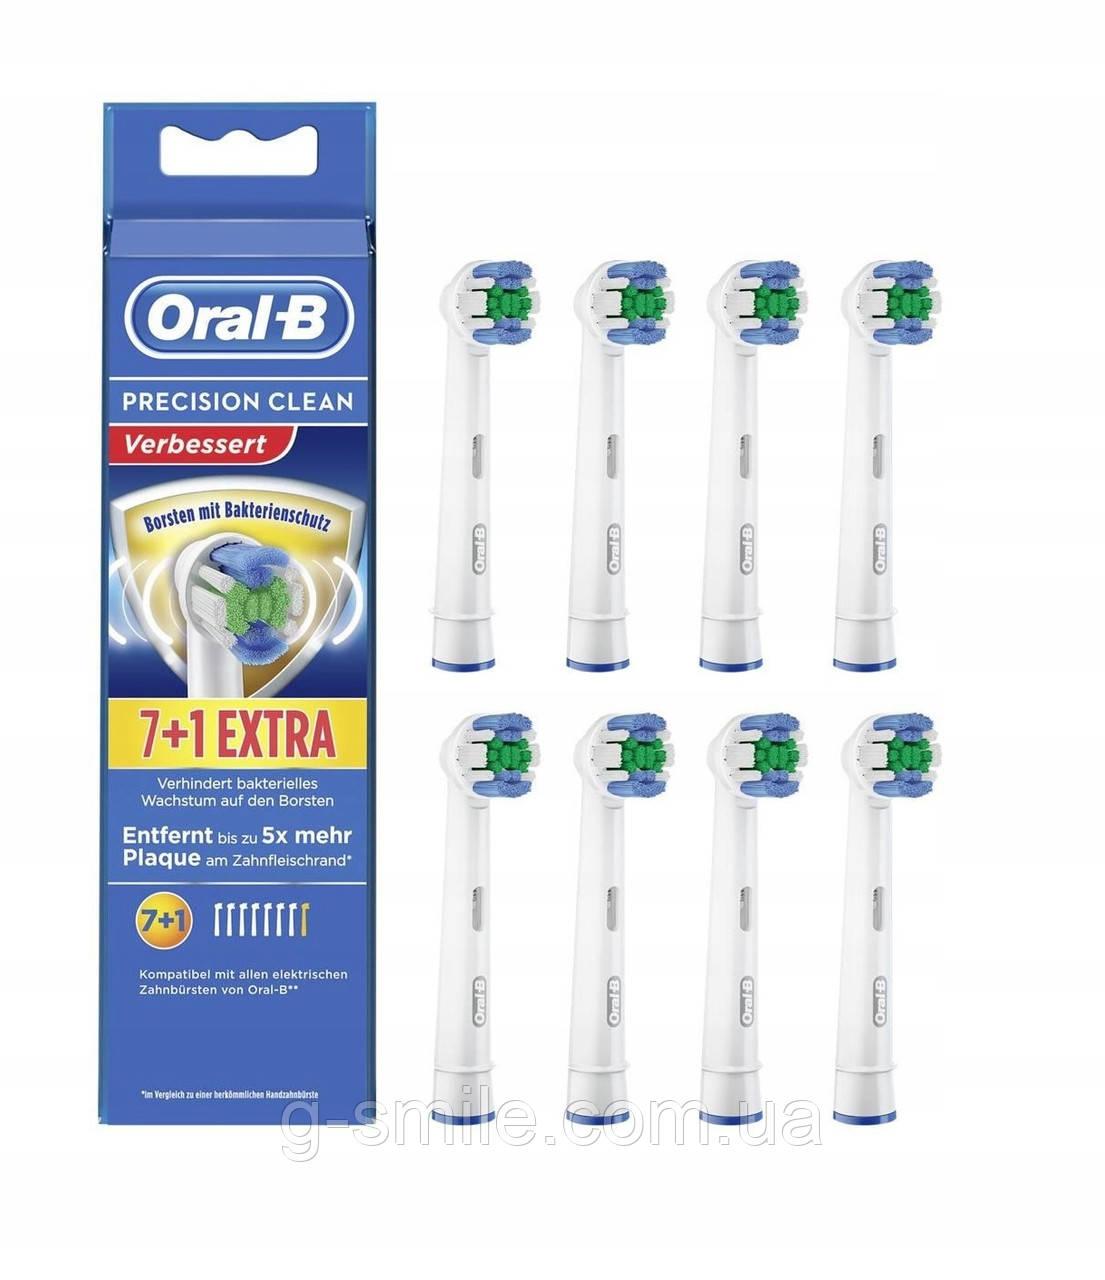 Насадки для зубных щеток Oral-B PRECISION CLEAN Verbessert 7+1 extra (ціна за одну насадку)